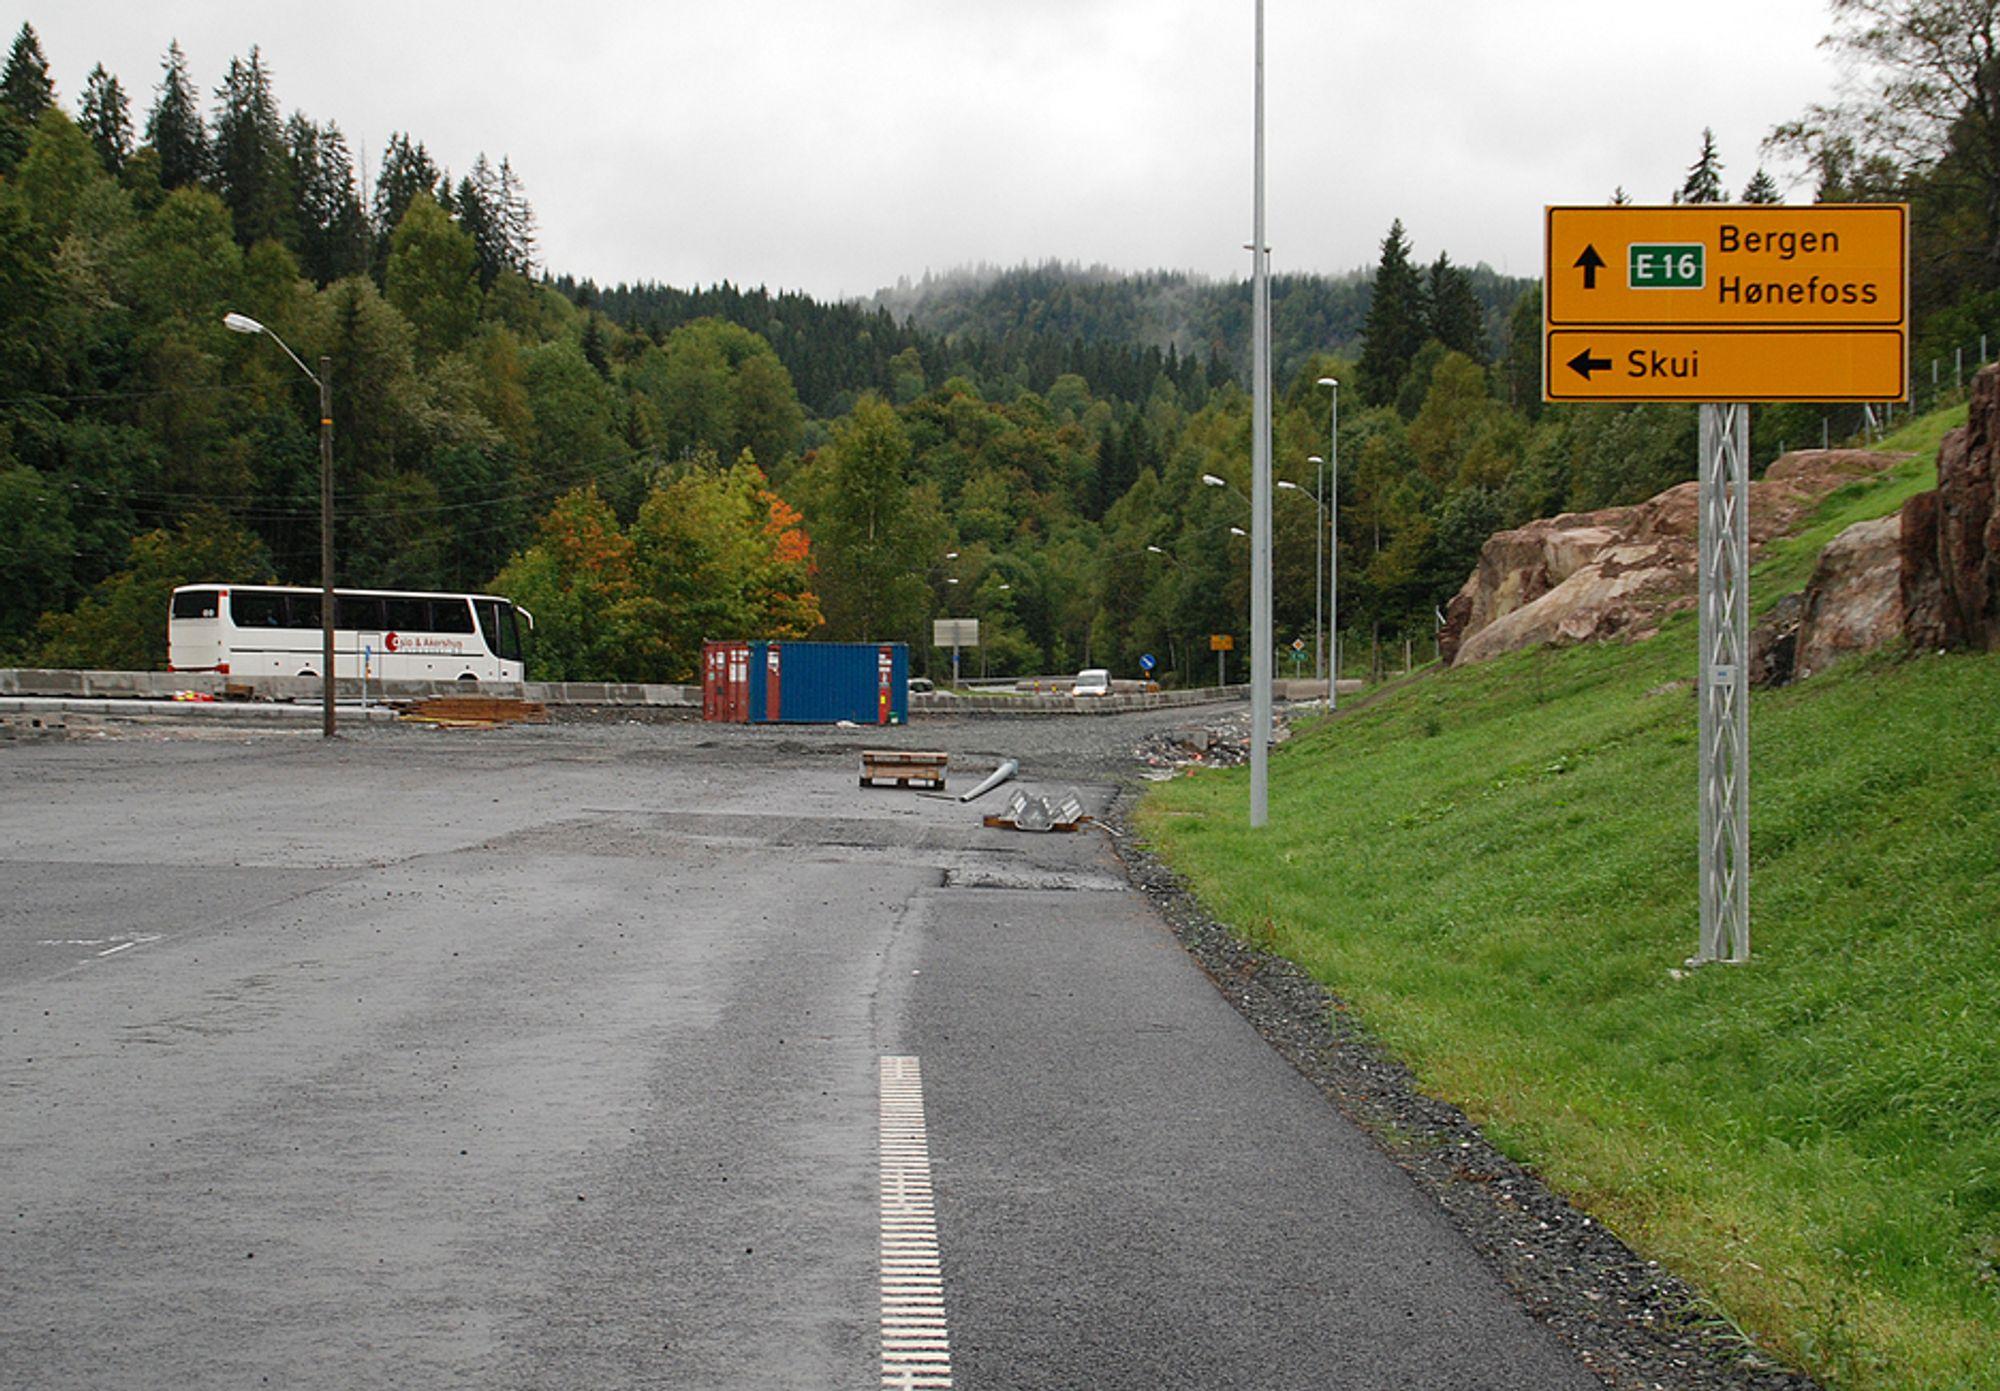 E16, Bærum kommune. Bildet tatt fra nye E16 i september 2008, der den ferdige parsellen Wøyen (Vøyenenga) - Bjørum skal kobles på dagens E16 våren 2009. Den nye veien er allerede ferdig oppmerket og skiltet, men trafikken går fortsatt langs den smale, svingete veien opp fra Skui.